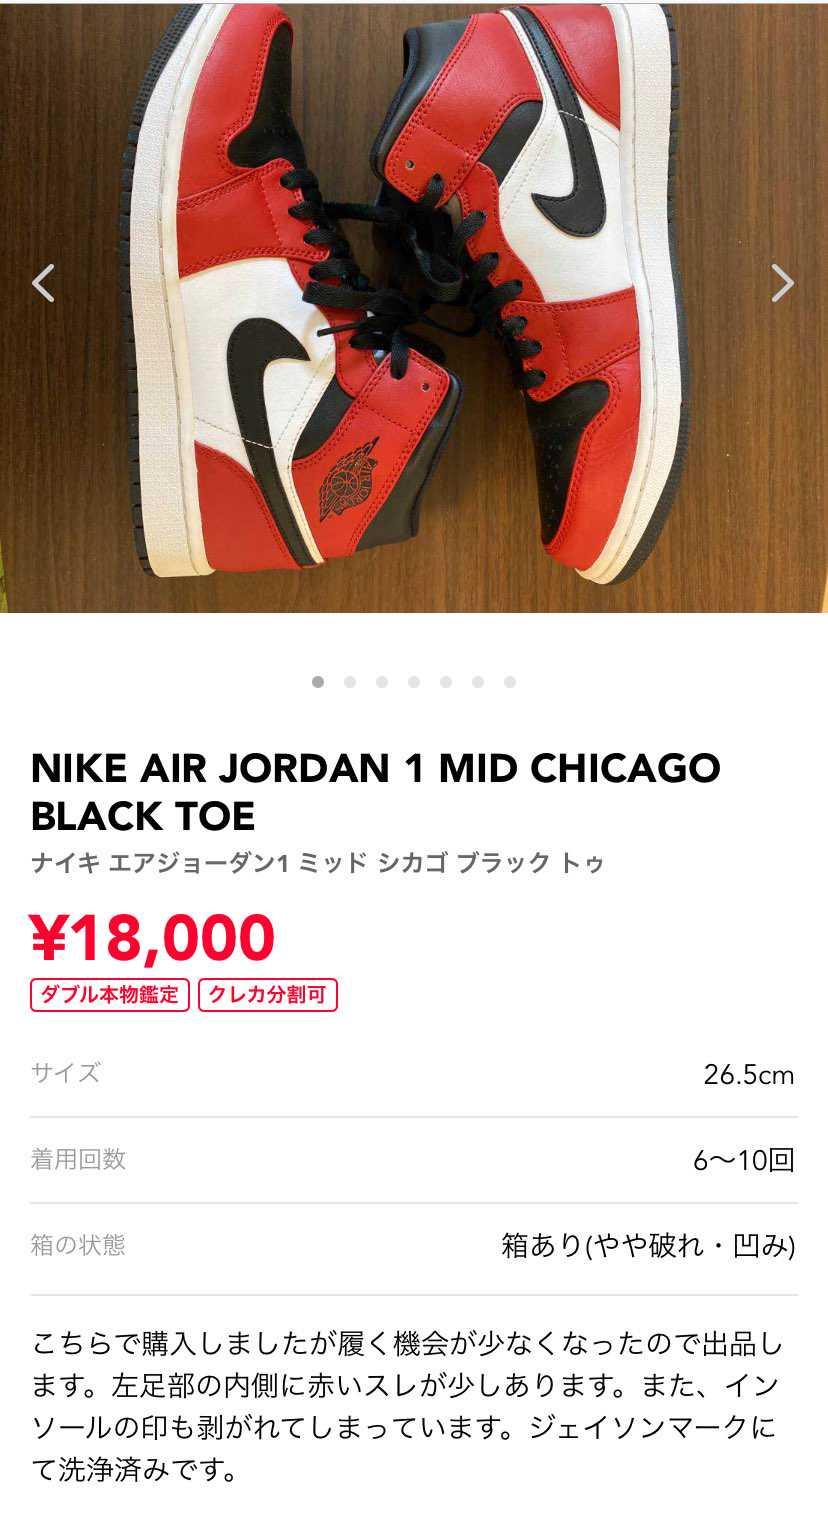 このスニーカーの26.5を1万8000円で出している方お値下げお願いしますm(_